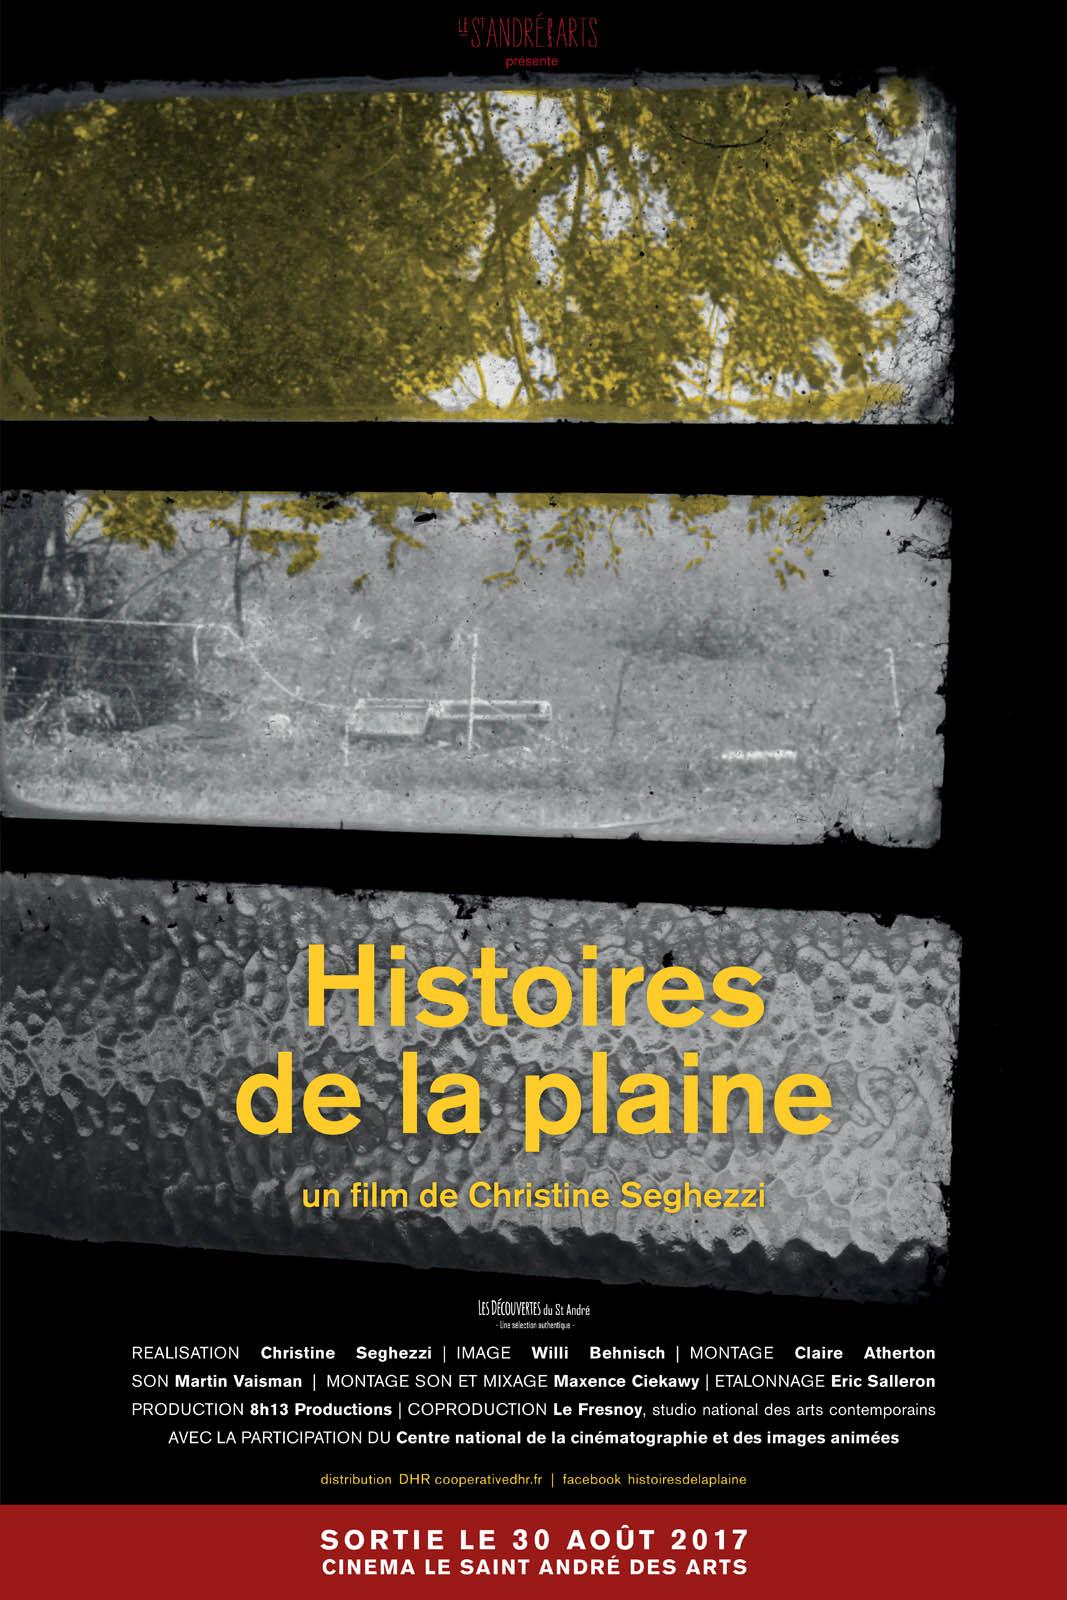 Histoires de la plaine